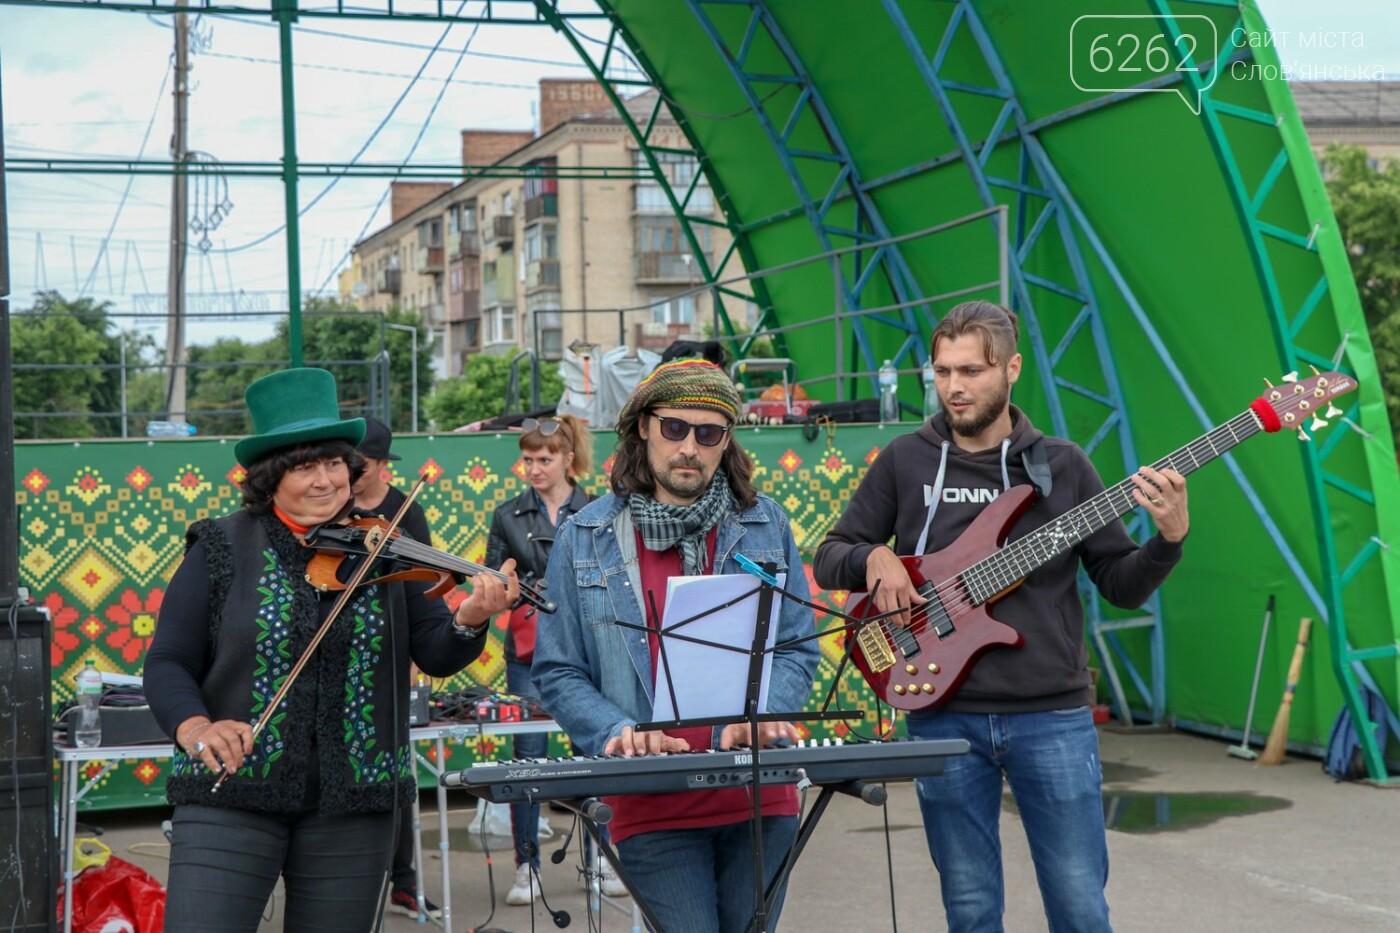 Скрипка, джаз та вечірні танці - яким був День вуличної музики у Слов'янську, фото-8